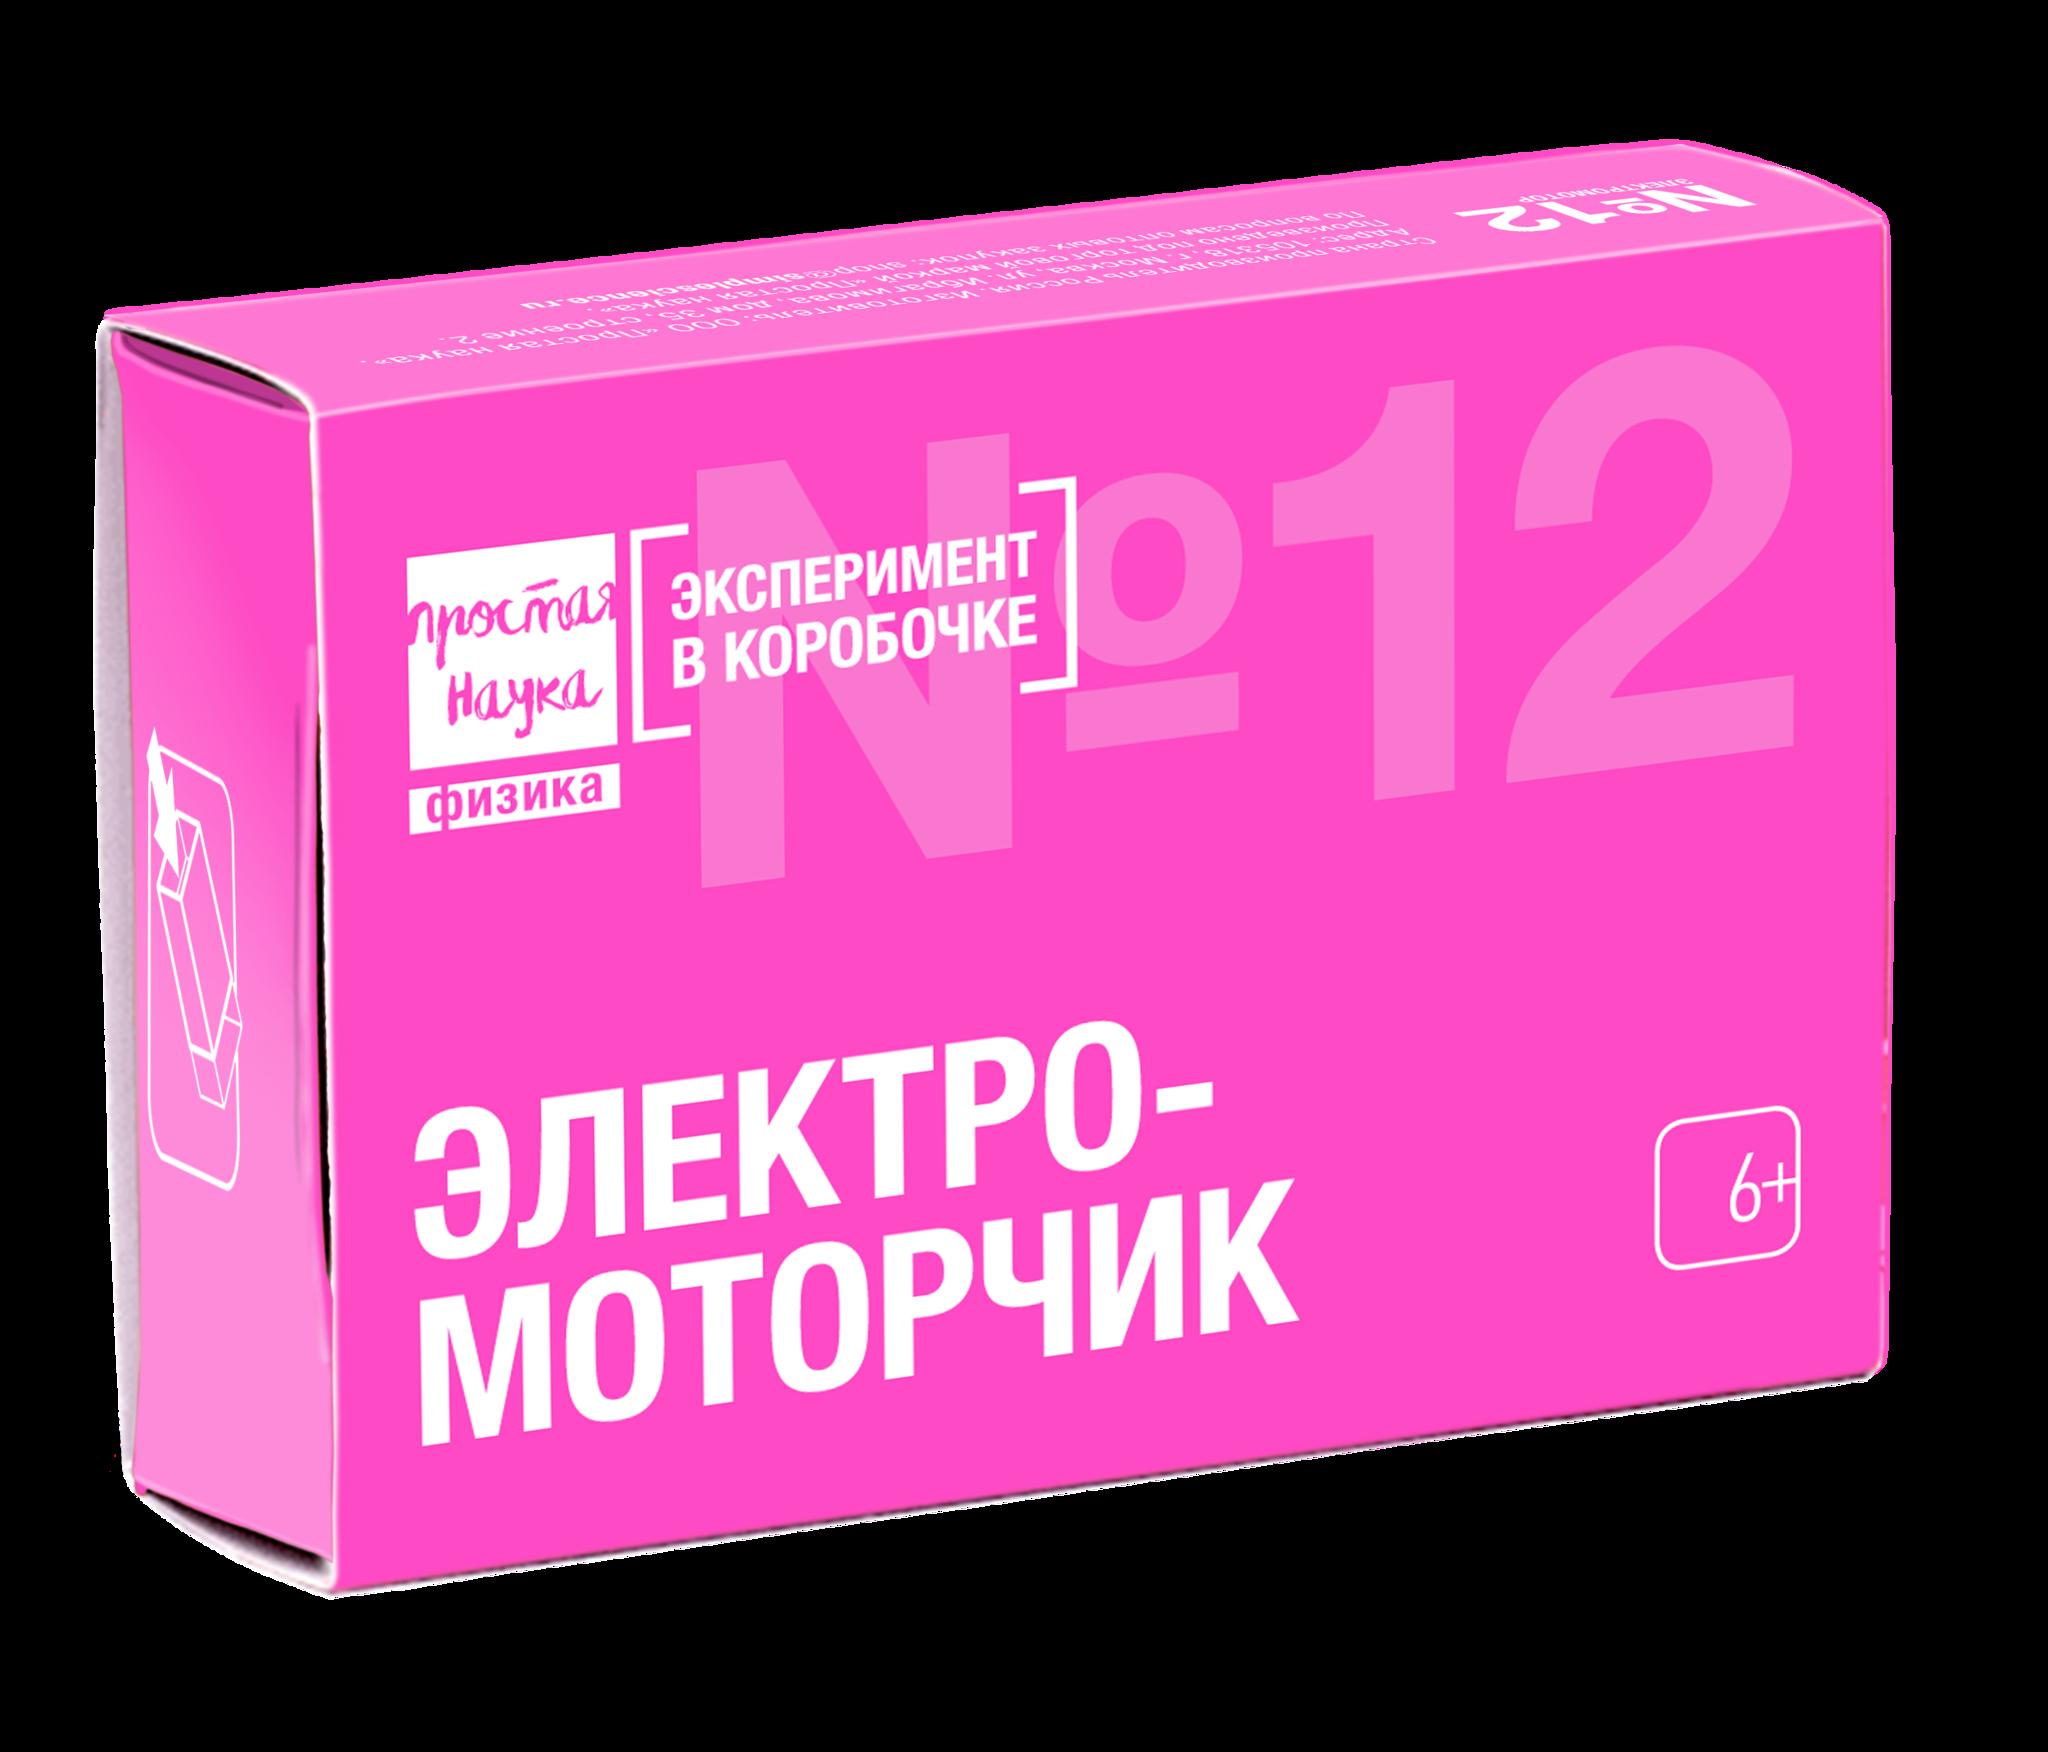 Электромоторчик - эксперимент в коробочке №12 - Простая Наука